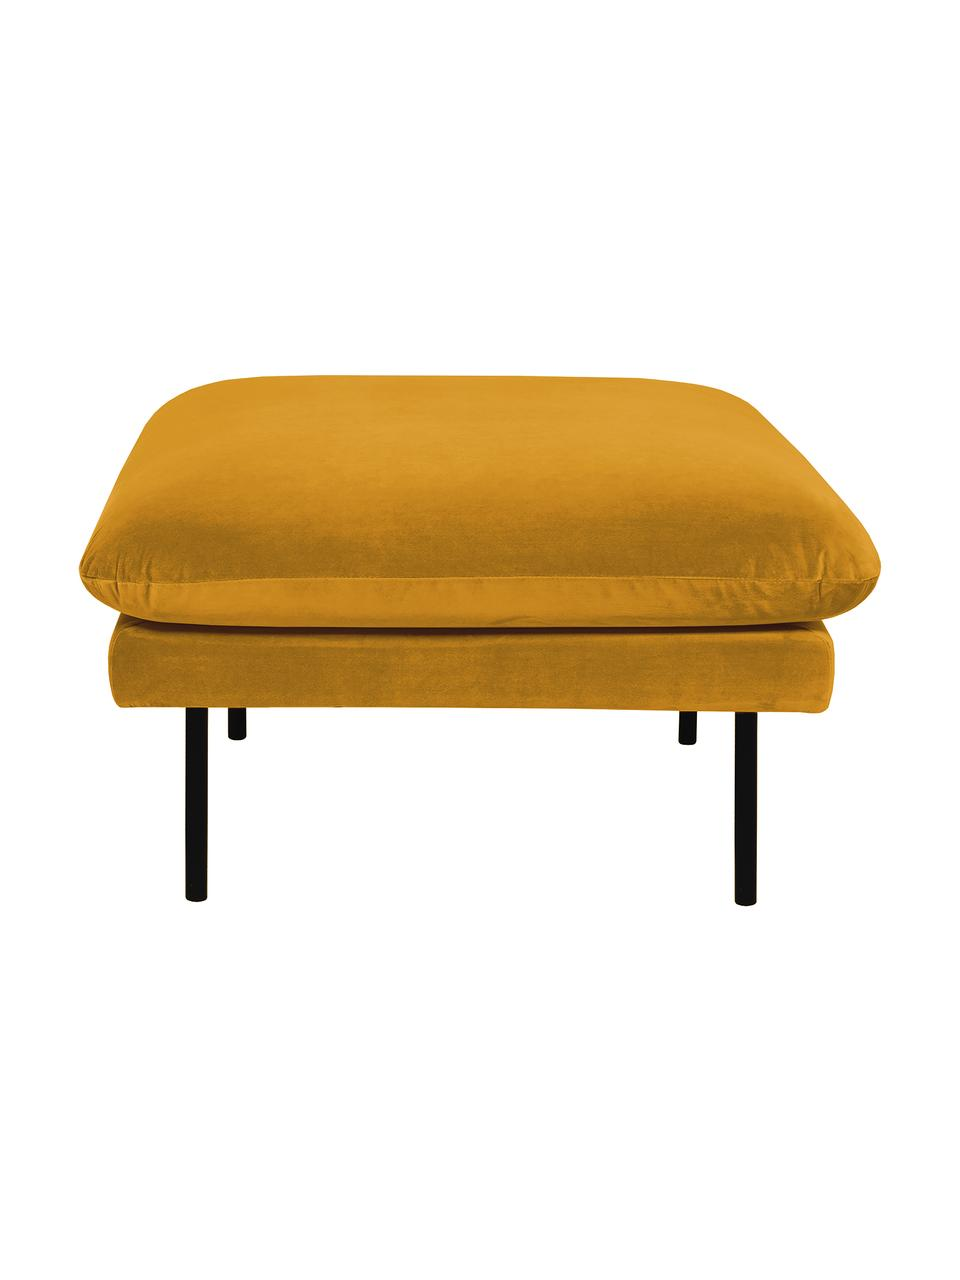 Sofa-Hocker Moby aus Samt in Senfgelb mit Metall-Füßen, Bezug: Samt (Hochwertiger Polyes, Gestell: Massives Kiefernholz, Füße: Metall, pulverbeschichtet, Samt Senfgelb, 78 x 48 cm